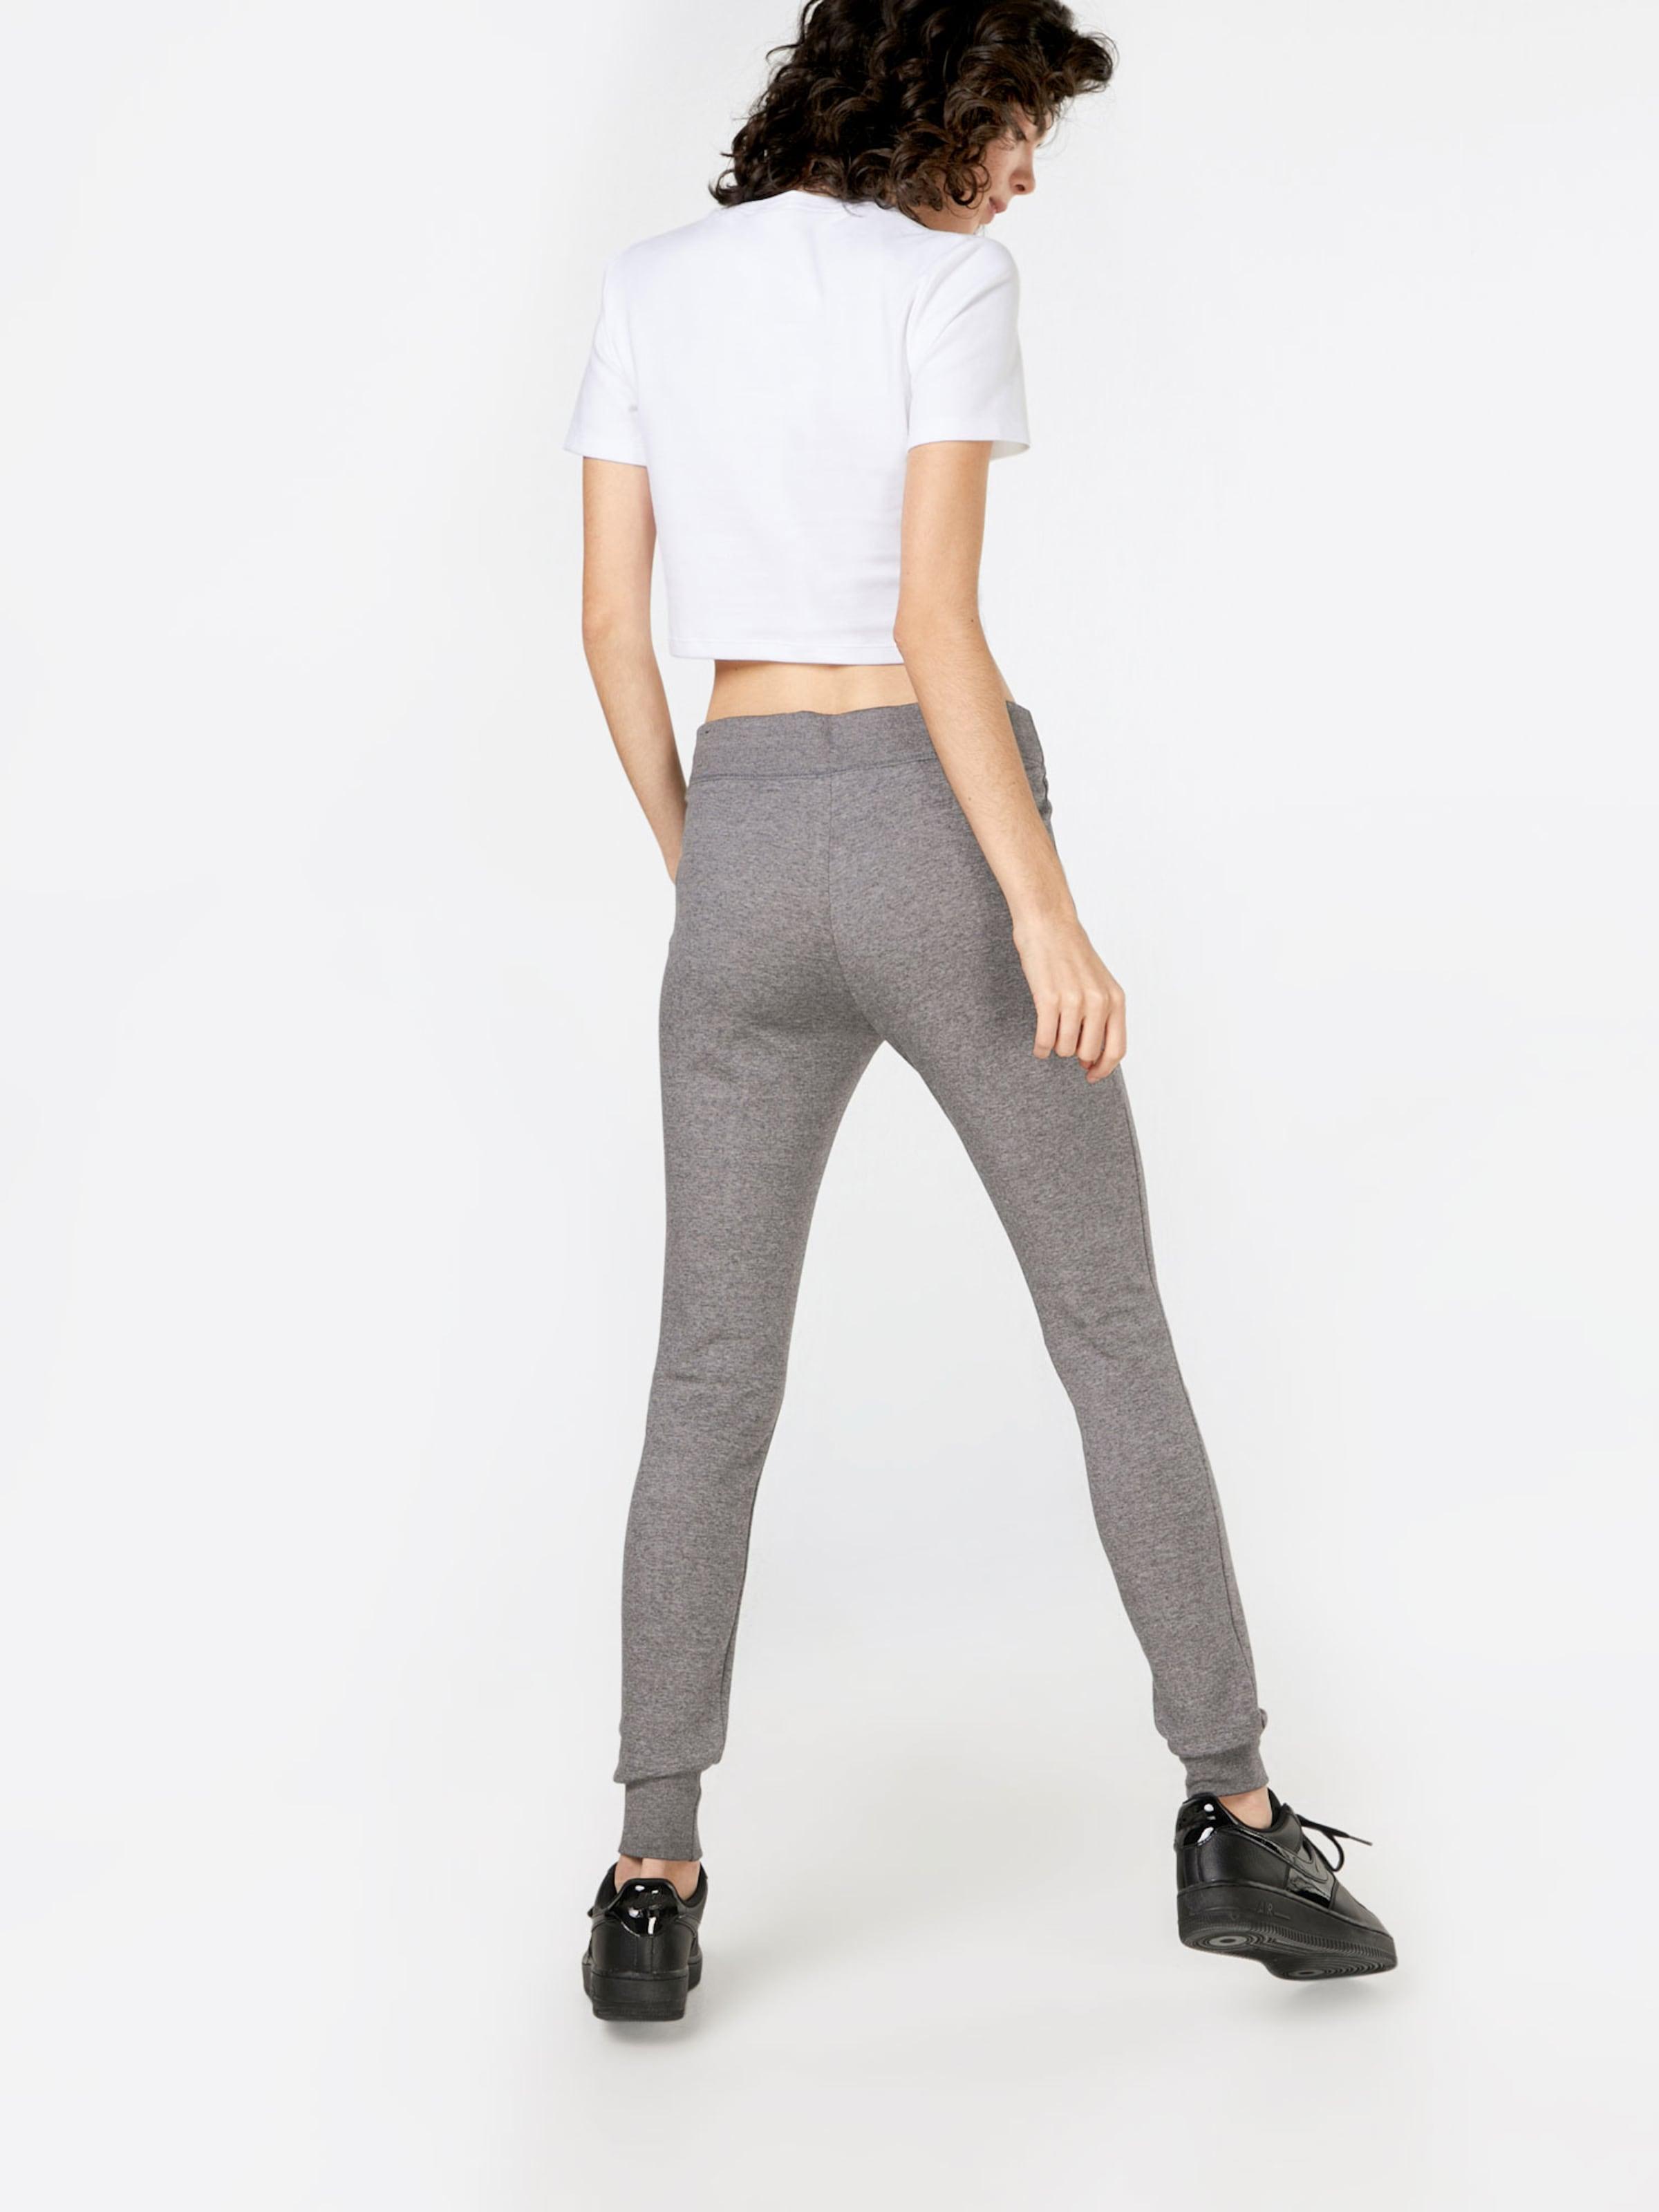 Jogginghose In Sportswear 'pant' Nike Graumeliert tCQrdshx